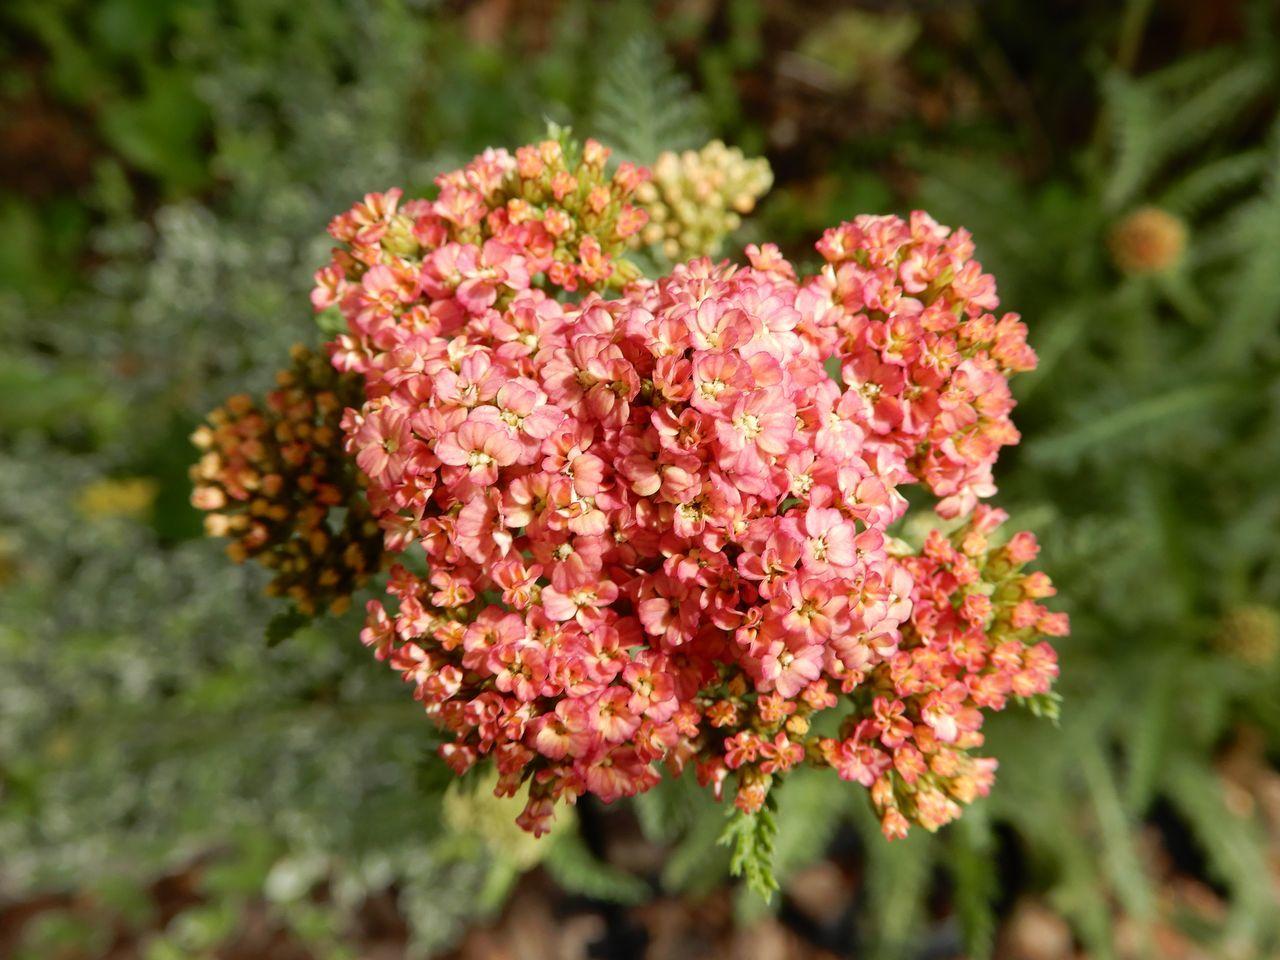 シモツケが咲き始める「小暑・温風至」_c0025115_22415608.jpg